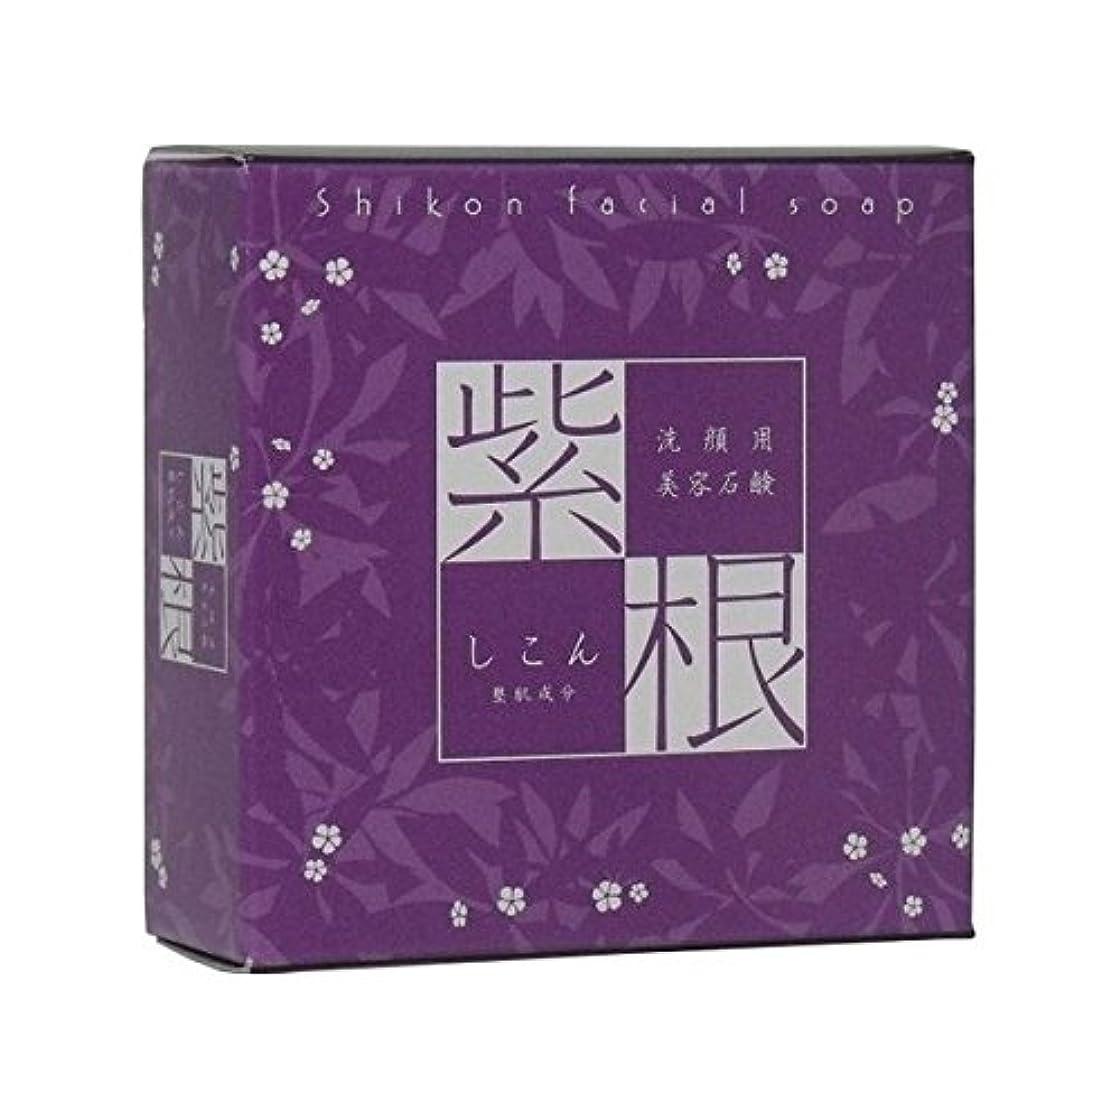 子供達道徳コウモリ紫根石鹸110g(オリジナル泡立てネット付き)3個セット【魔女たちの22時で話題!】